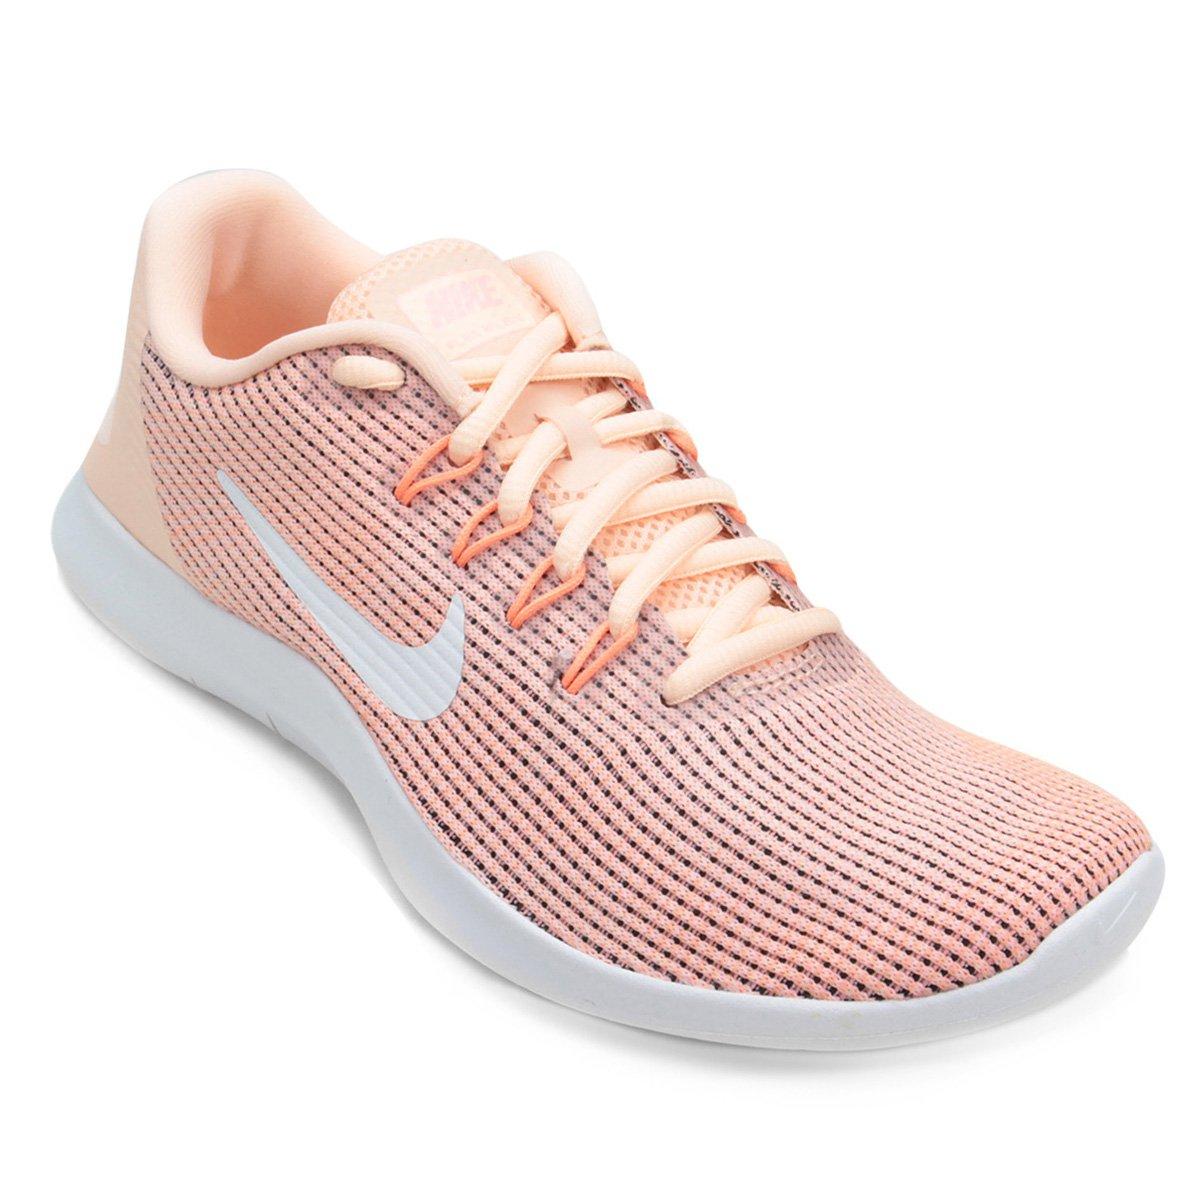 bd89e98d7aa Tênis Nike Wmns Flex 2018 Rn Feminino - Vermelho e Branco - Compre Agora